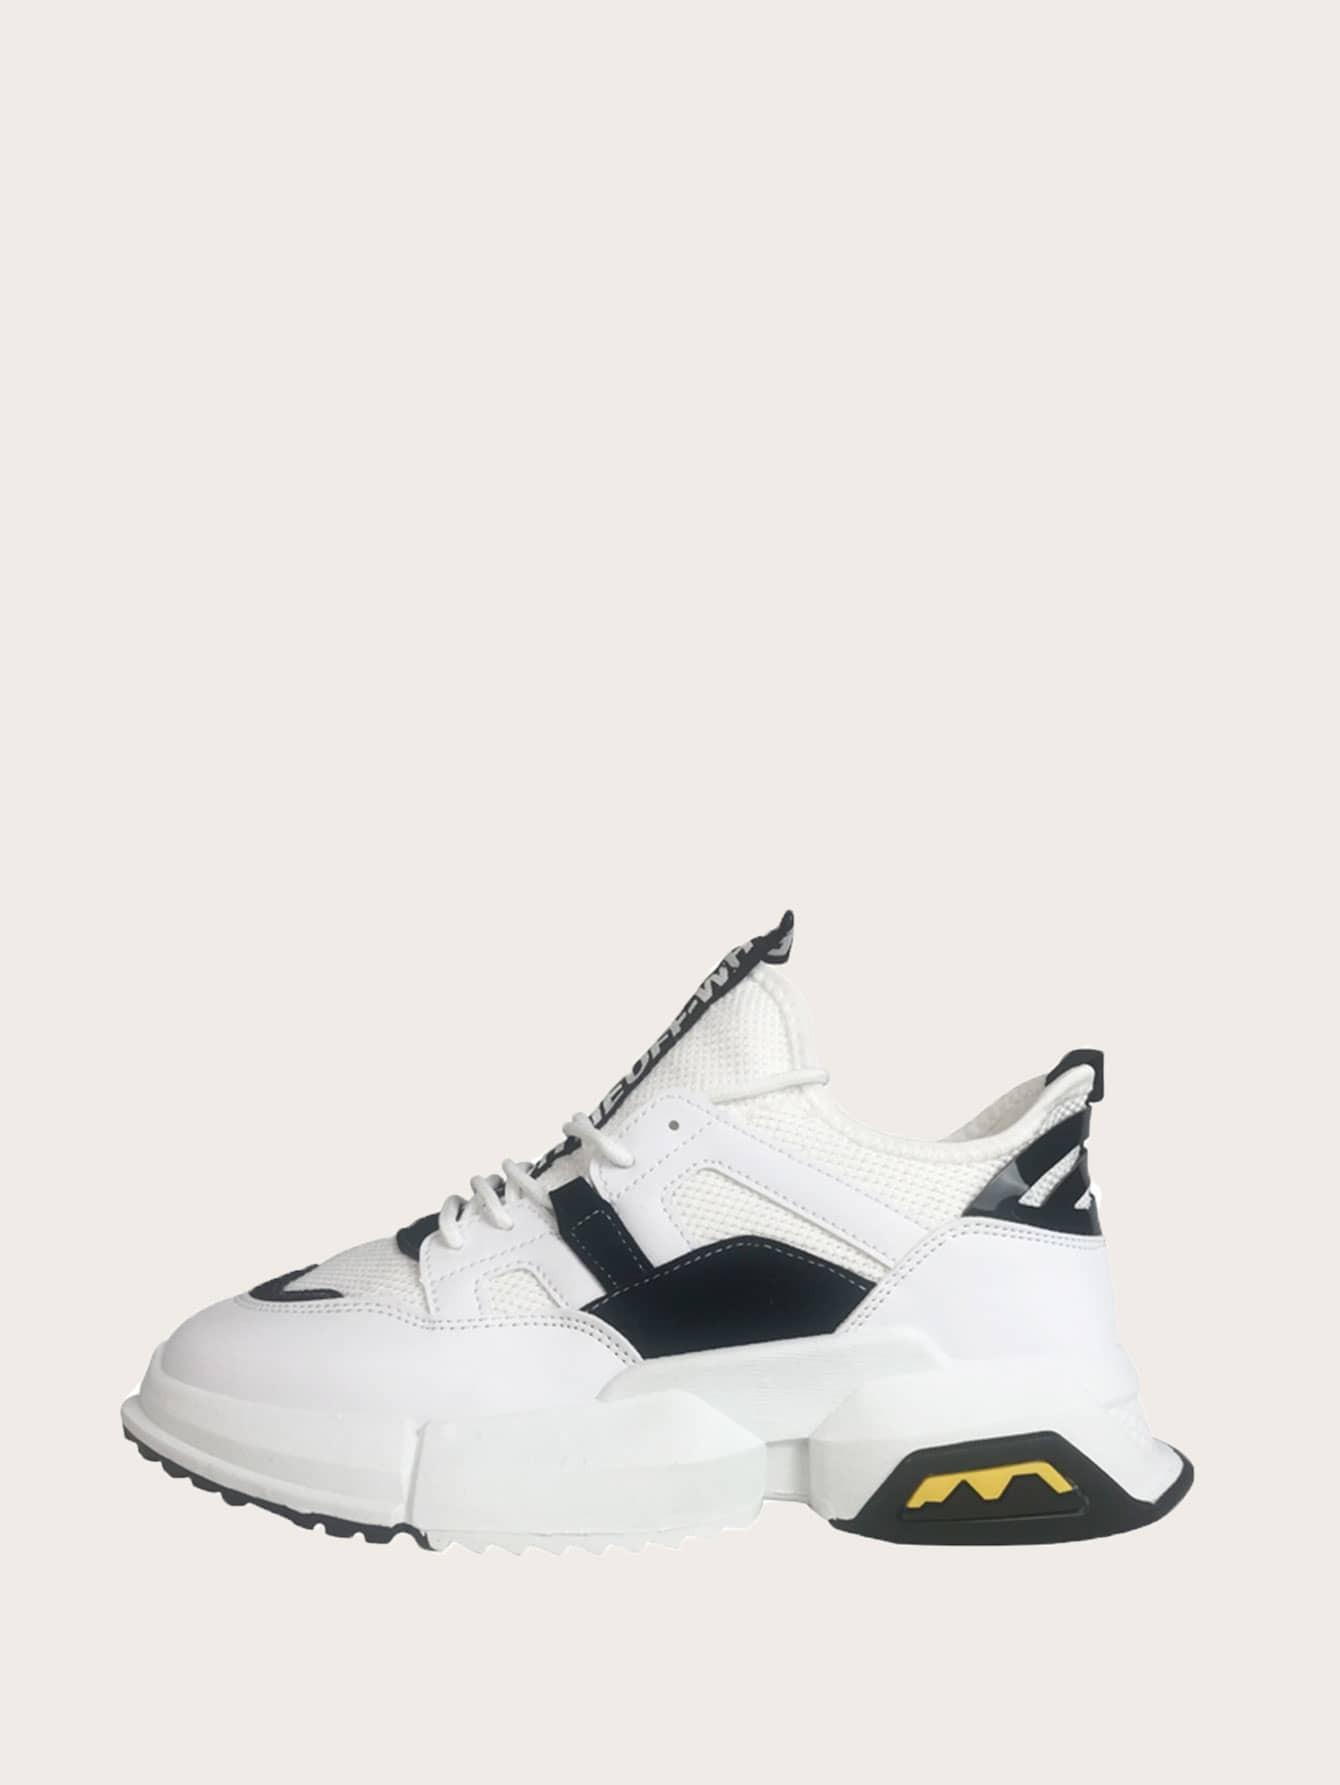 Фото - Мужские кроссовки на шнуровке от SheIn цвет чёрнобелые